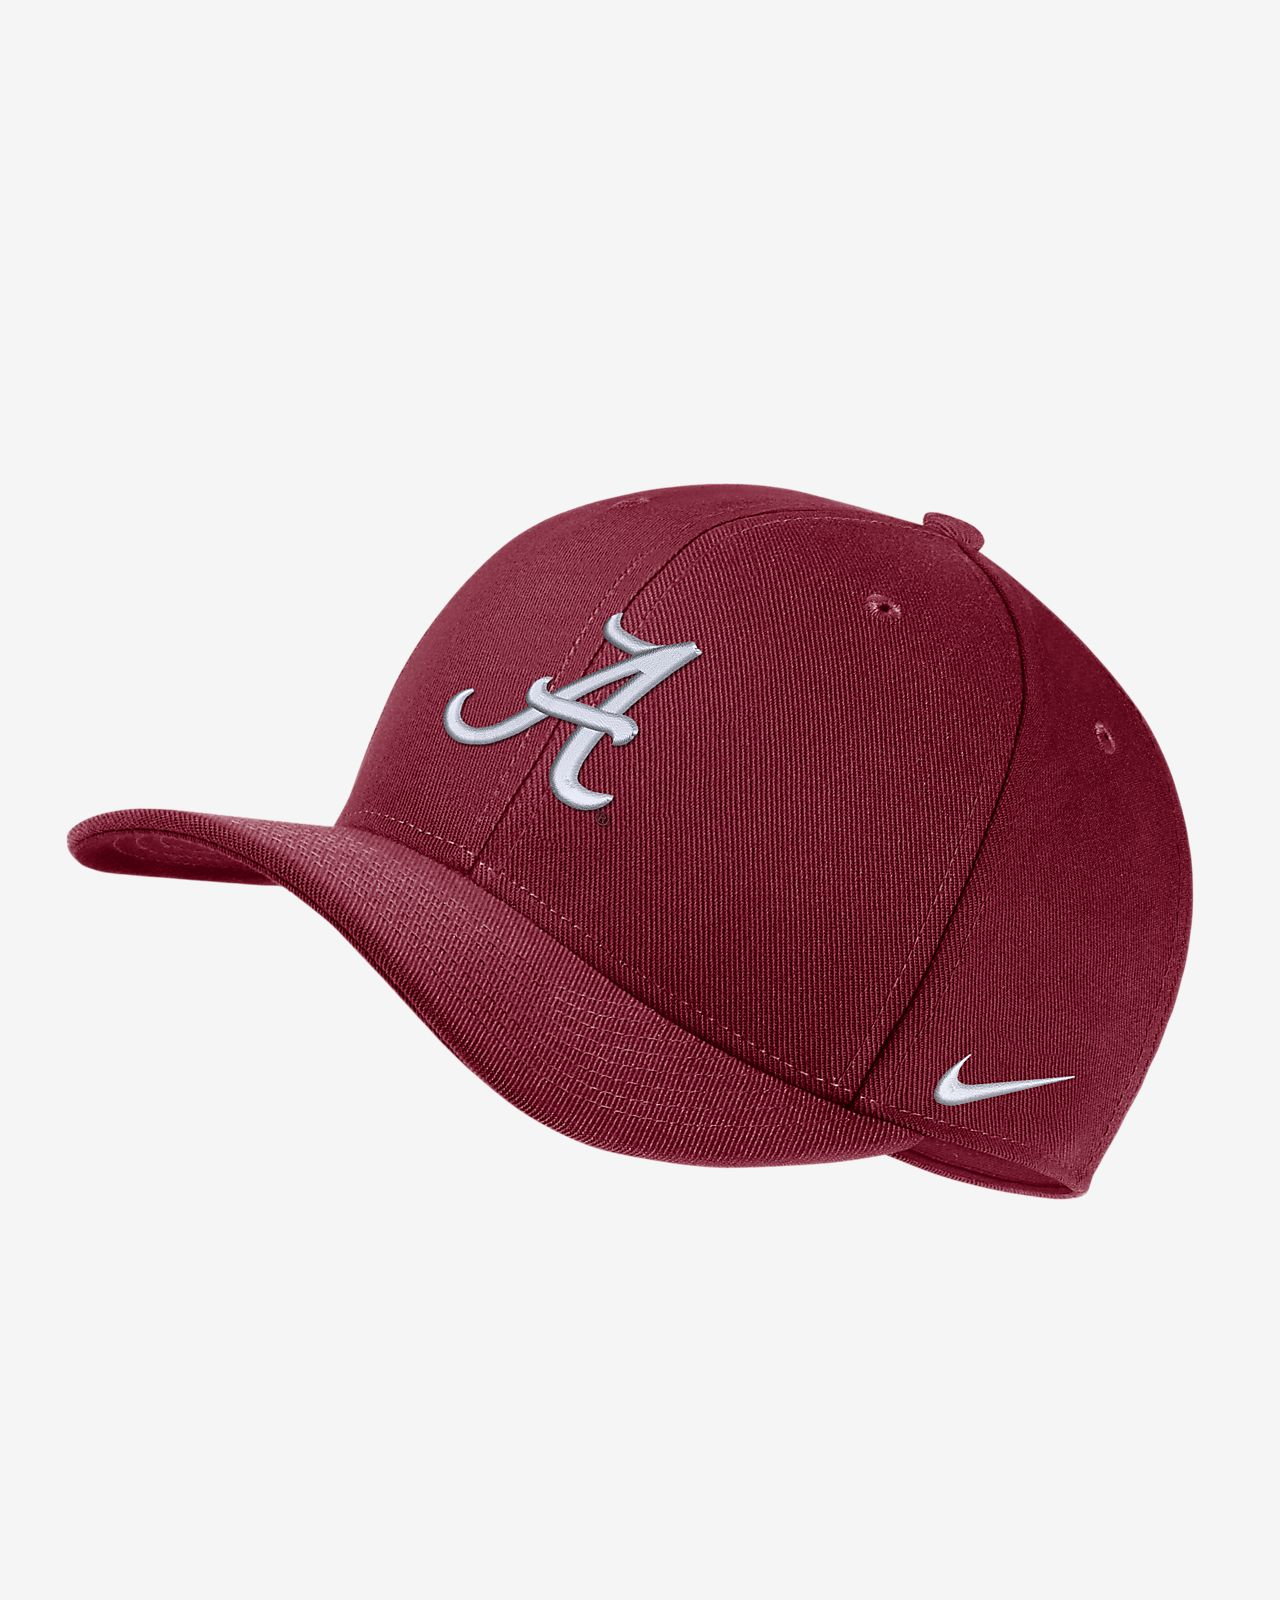 f47e928ee38 Nike College Dri-FIT Classic99 Swoosh Flex (Alabama) Fitted Hat ...